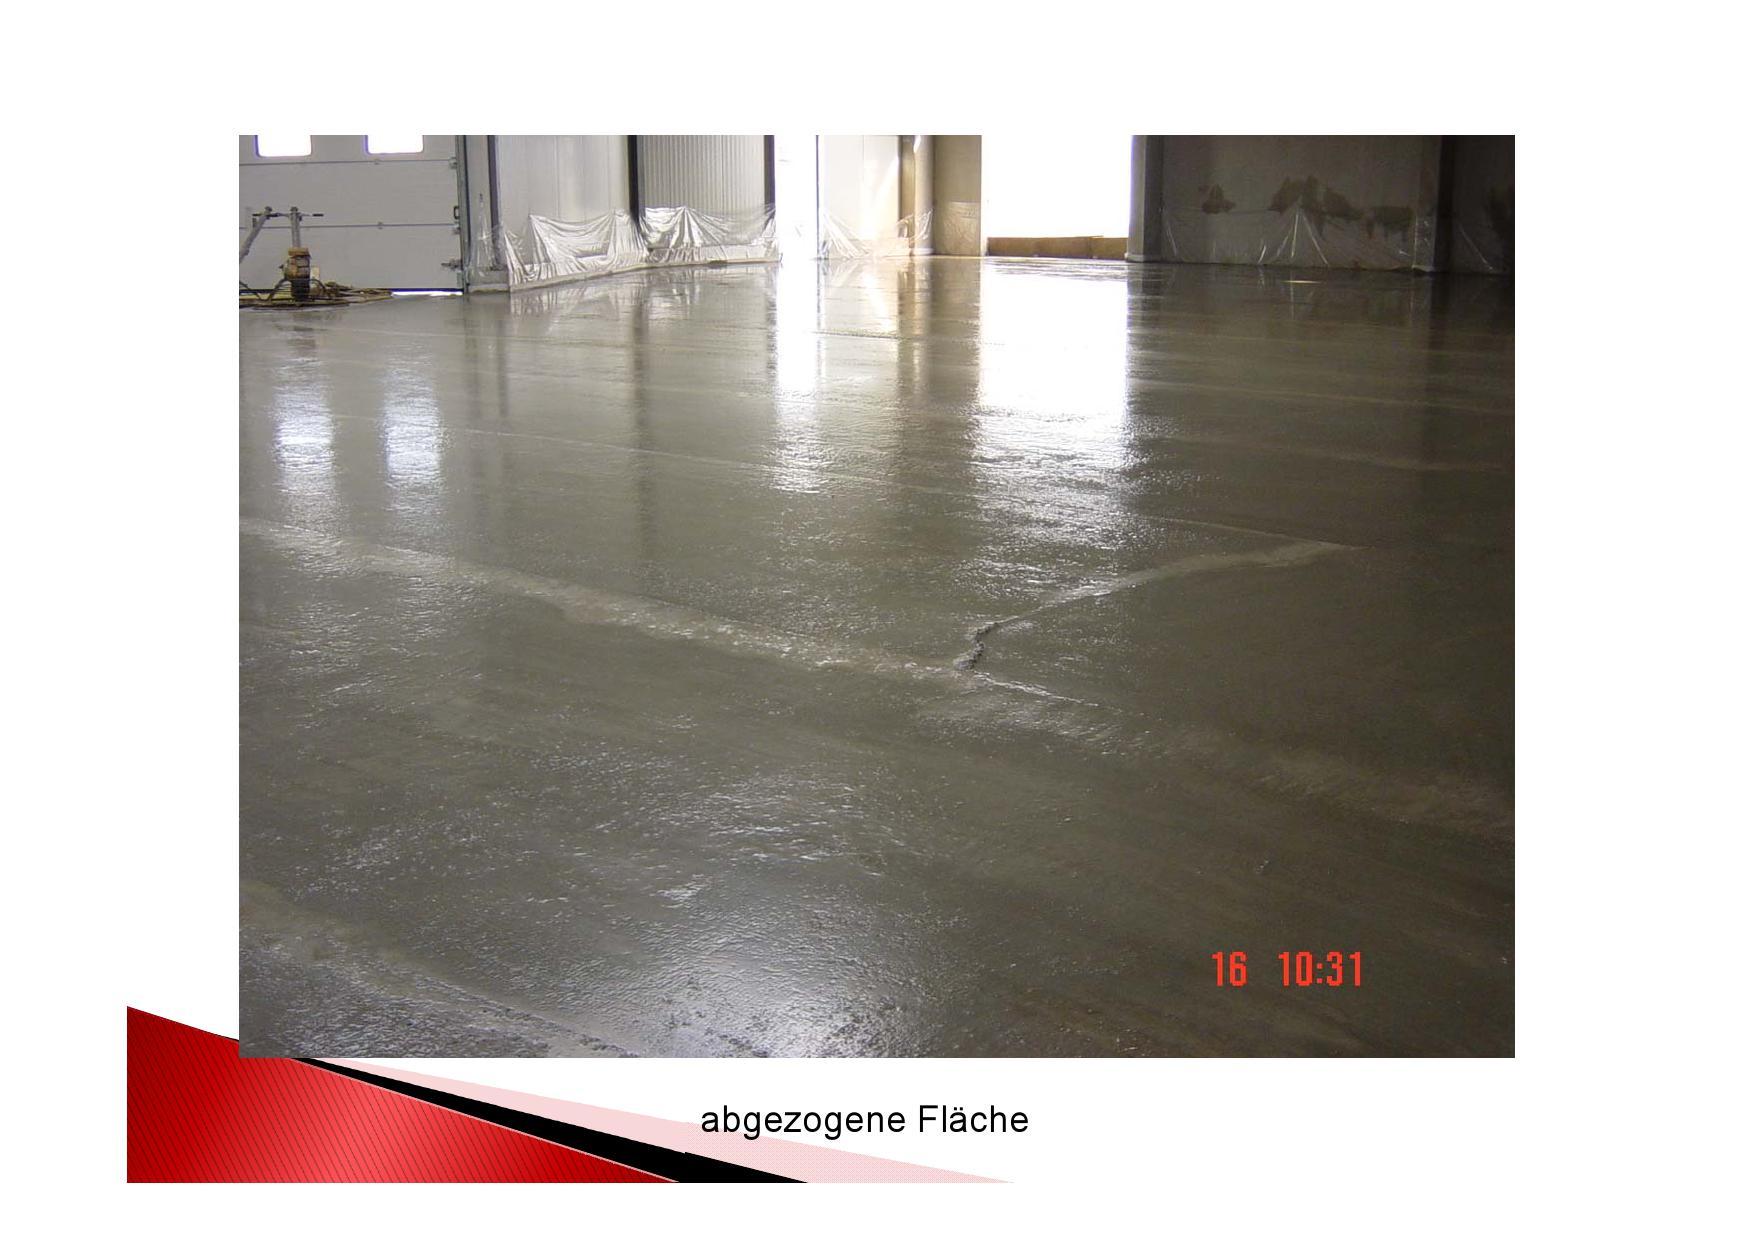 Industrieboden: frisch abgezogene Fläche